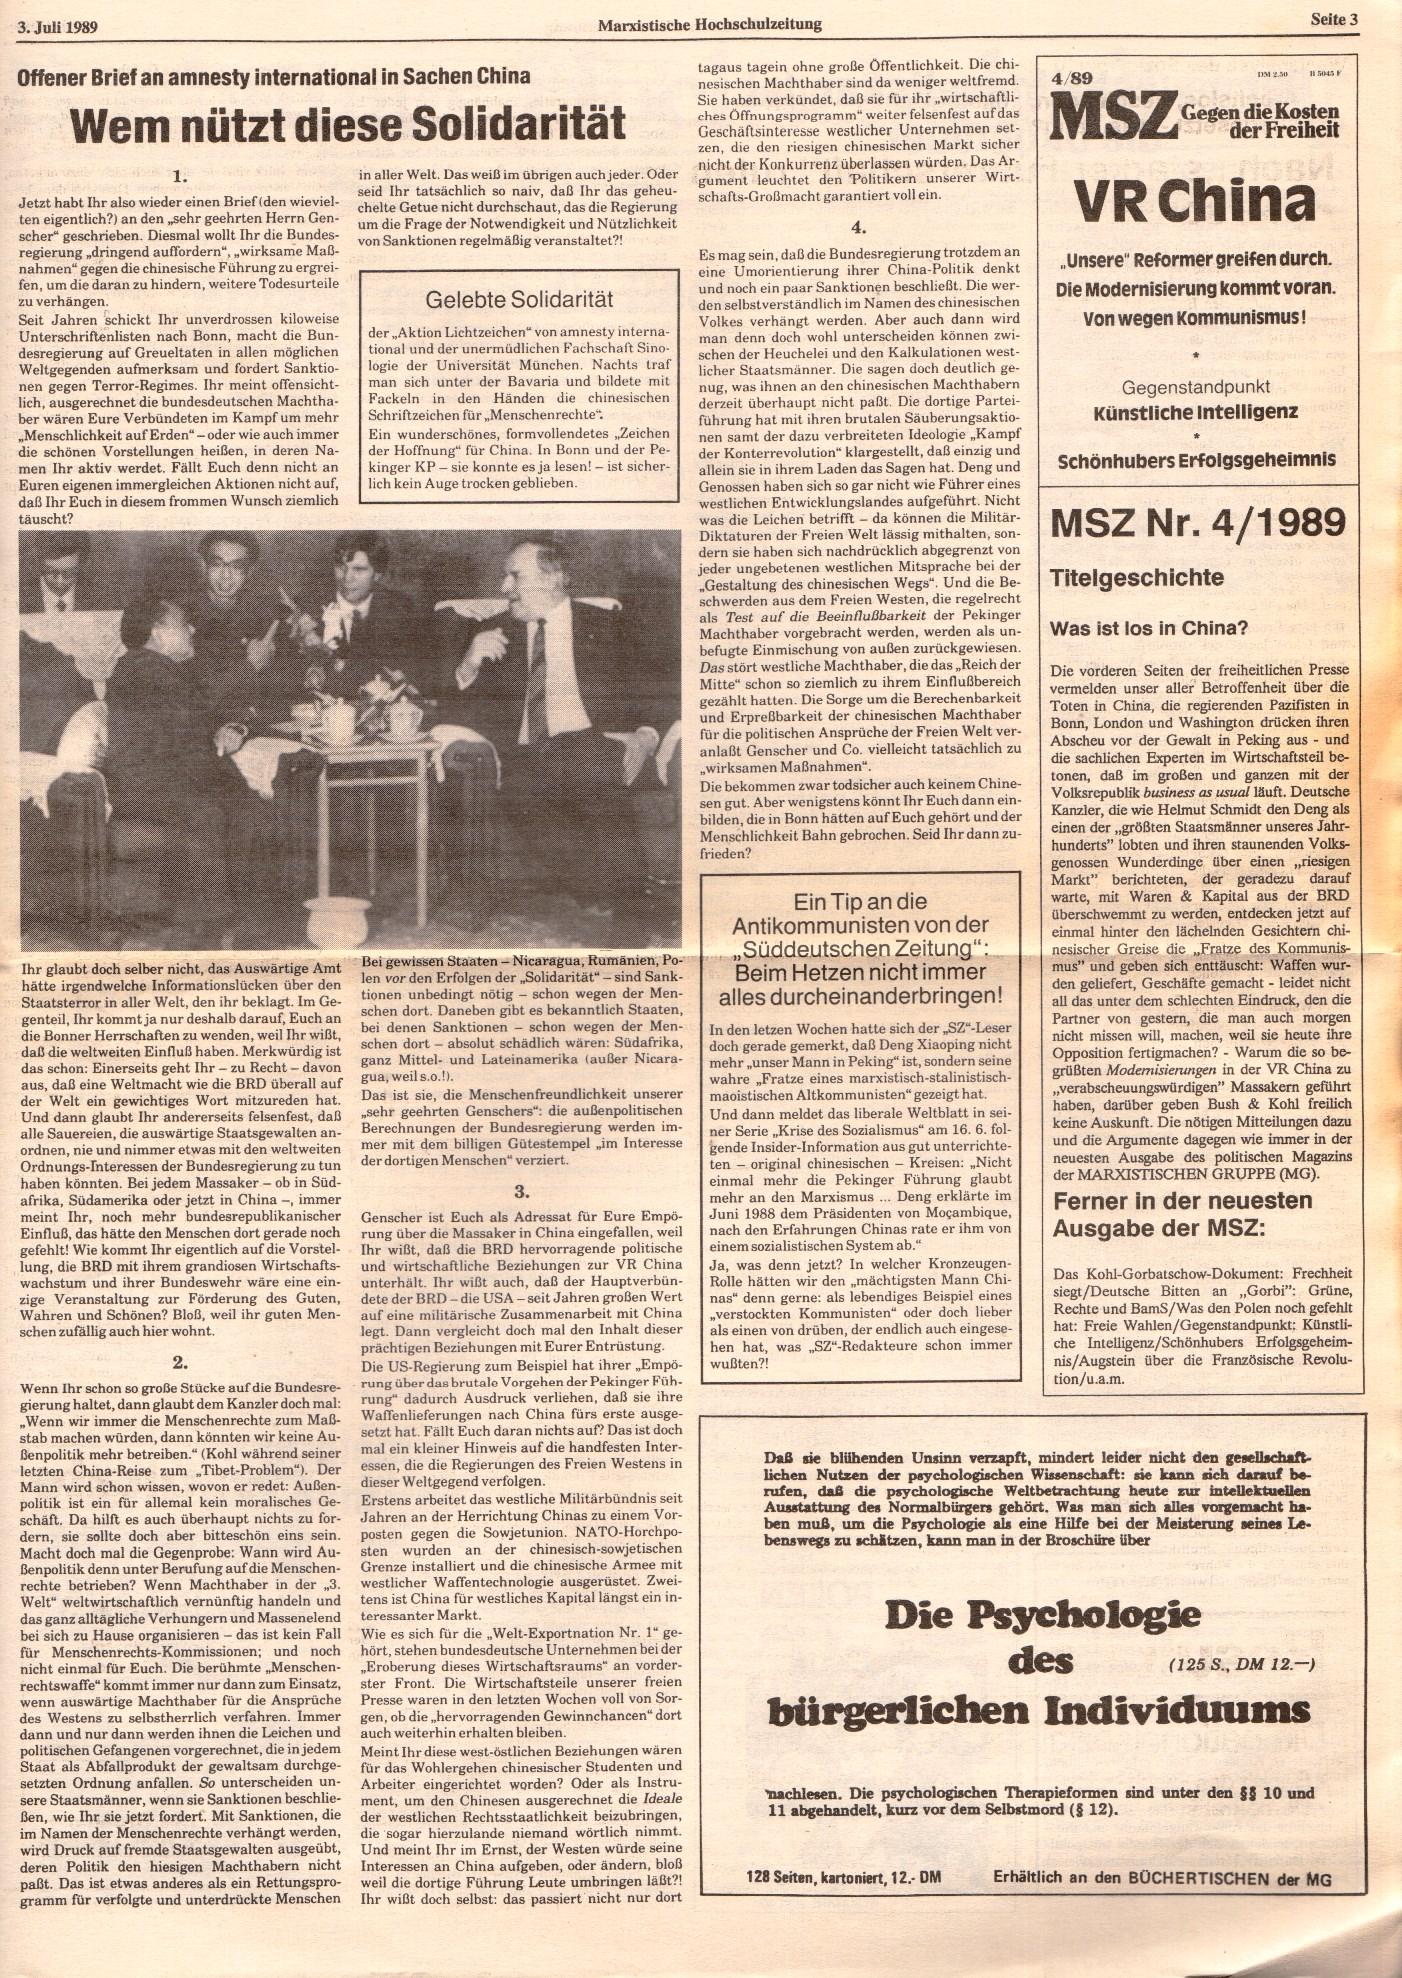 MG_Bochumer_Hochschulzeitung_19890703_03